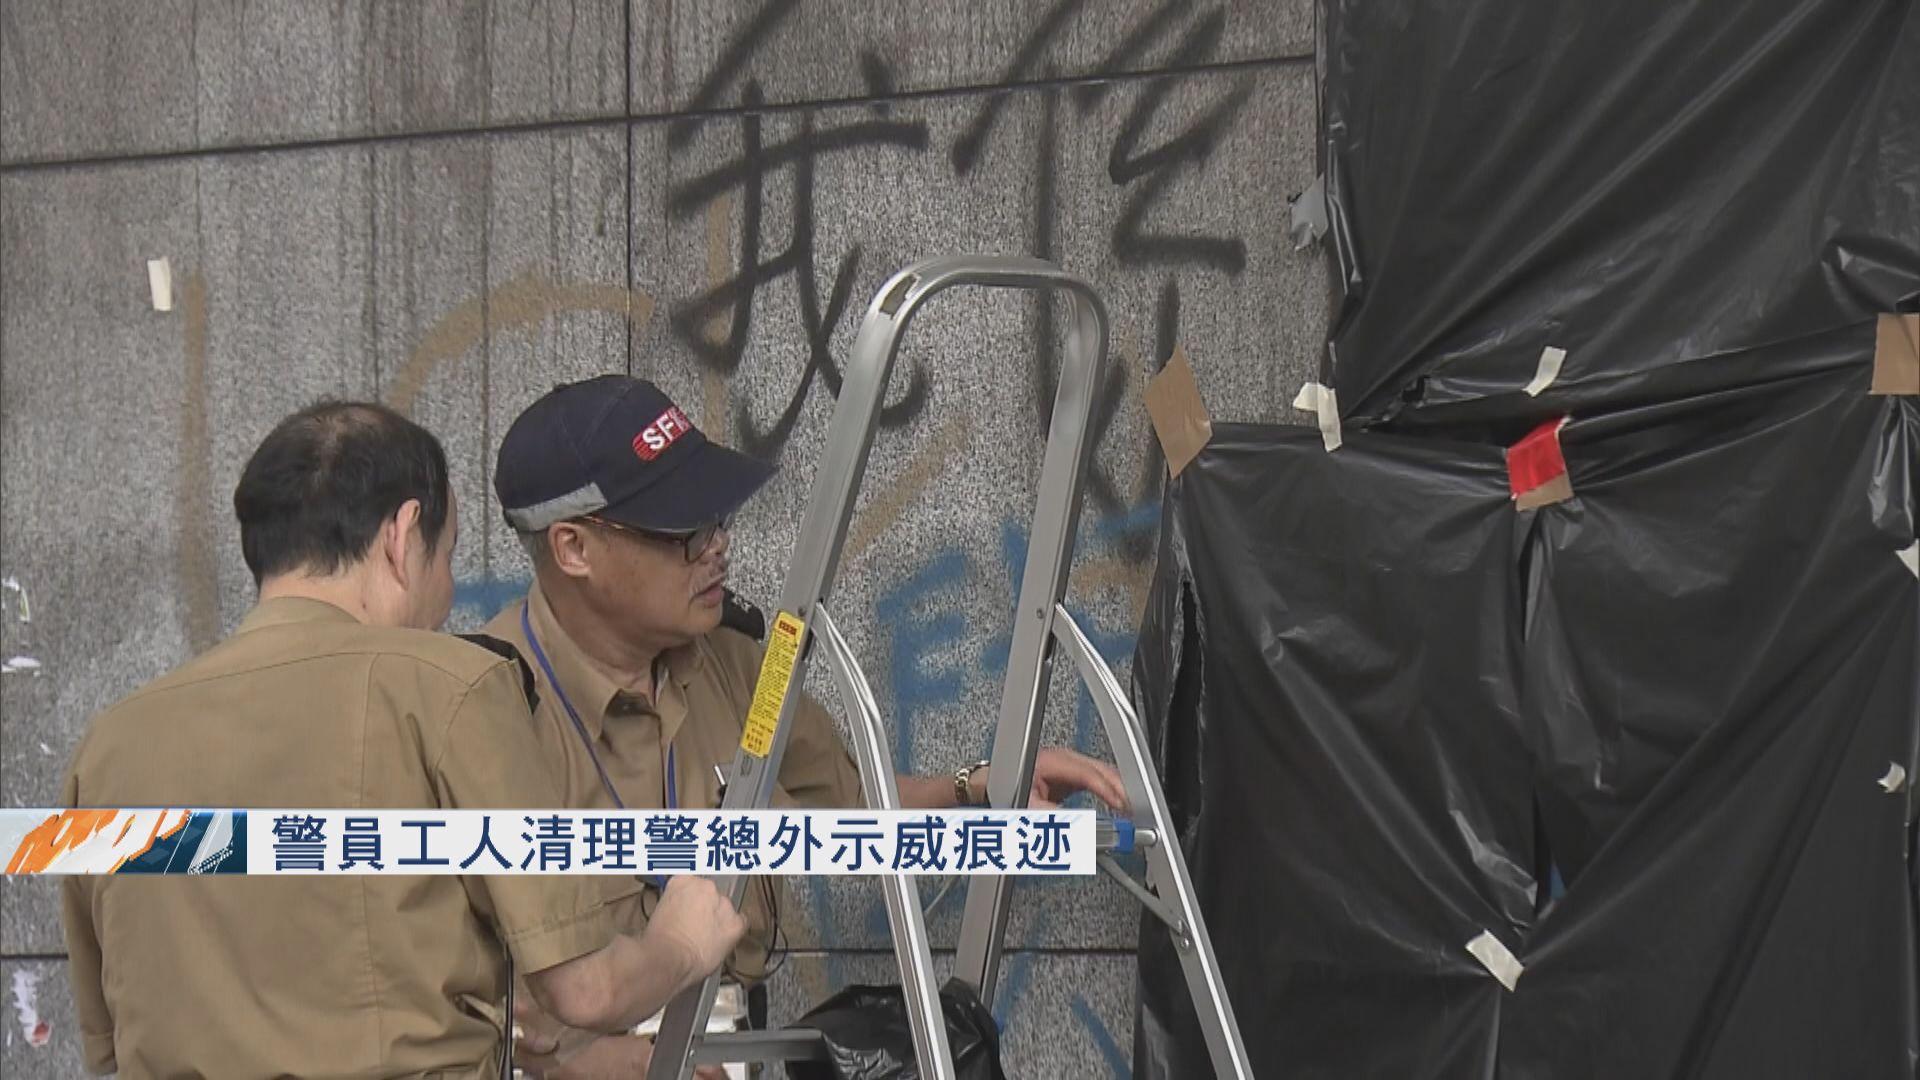 多名工人清理警總玻璃及地上污漬